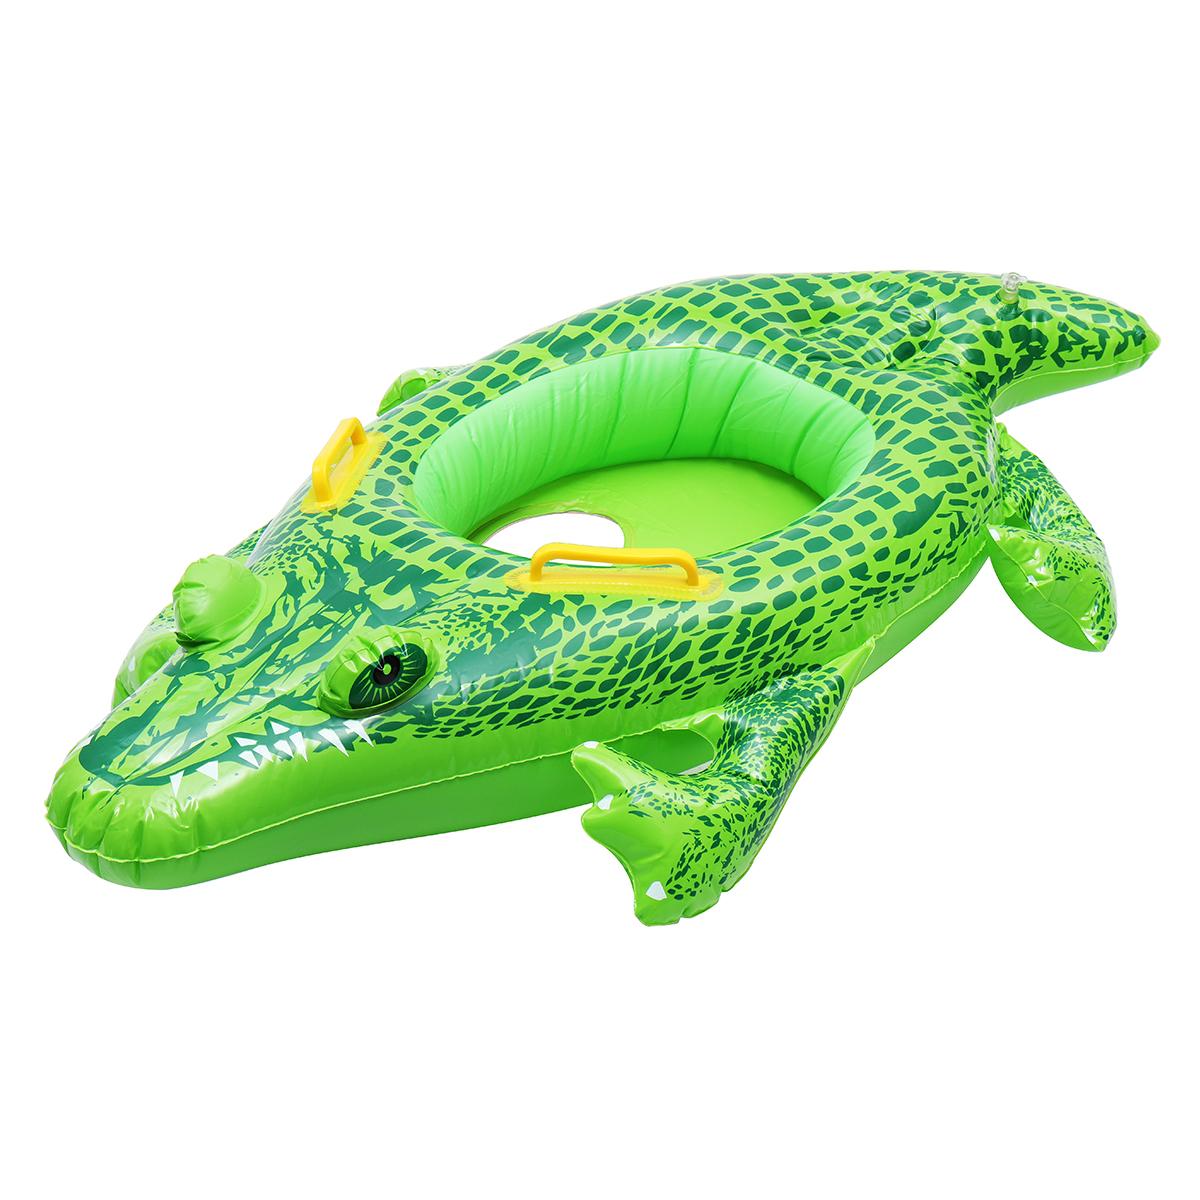 НадувныедетскиедетскиекрокодилыПлавающиекольца Float Лодка Seat Swim Бассейн Floaties